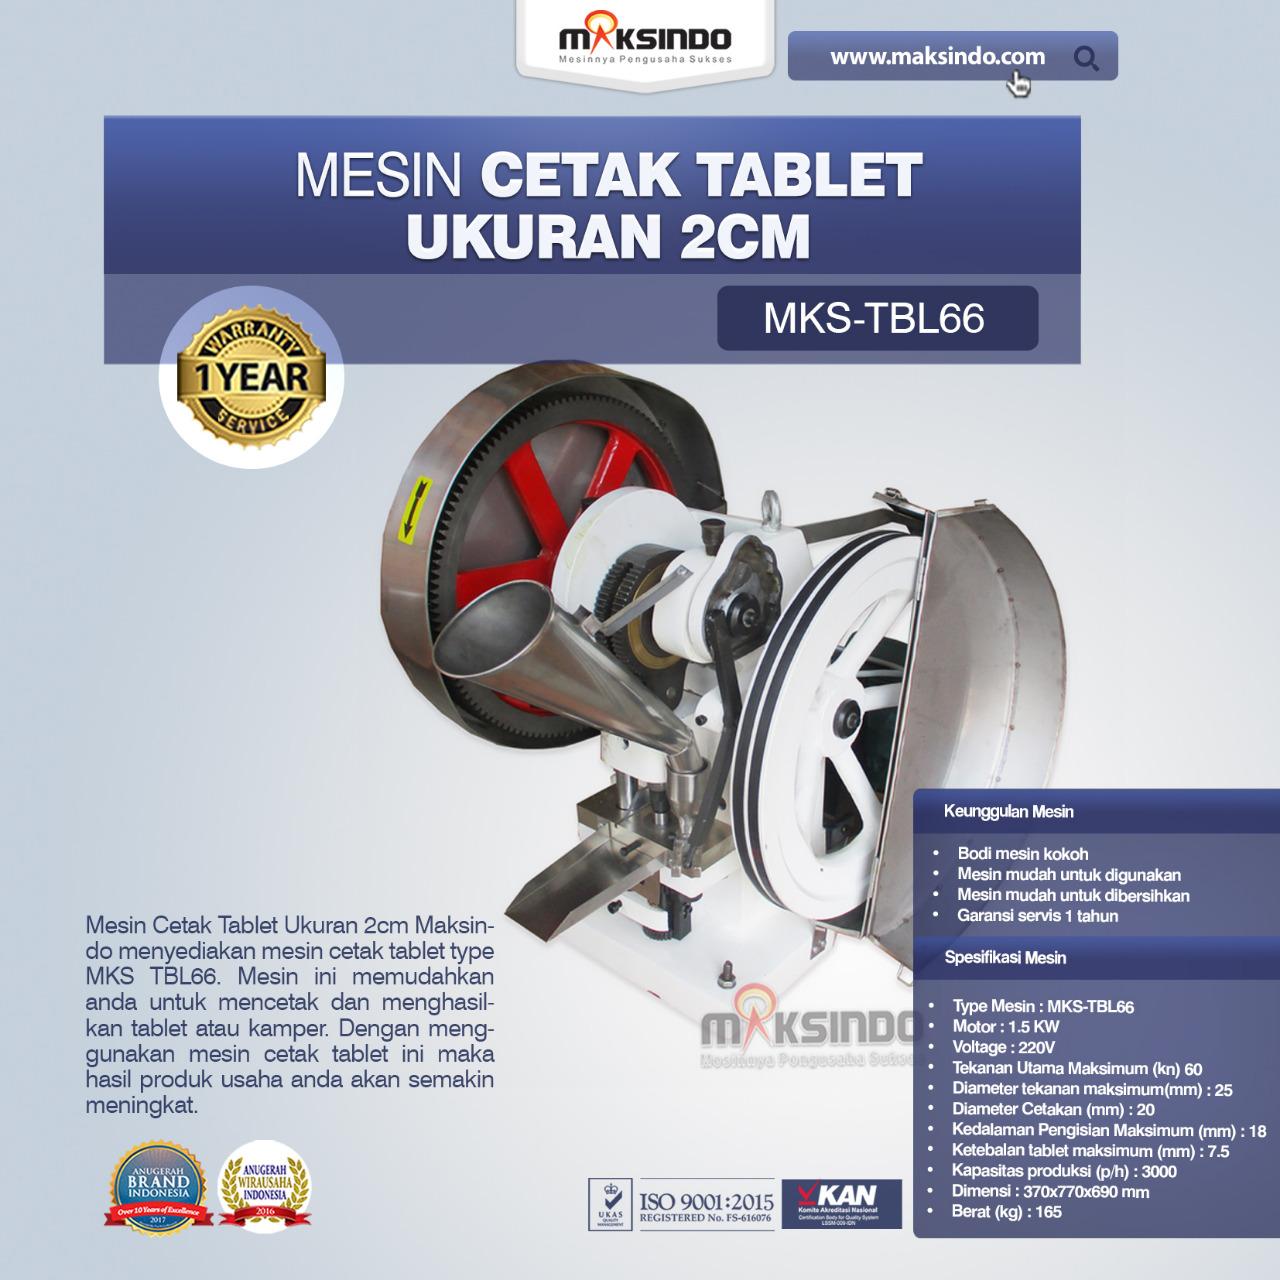 Jual Mesin Cetak Tablet Ukuran 2cm di Palembang